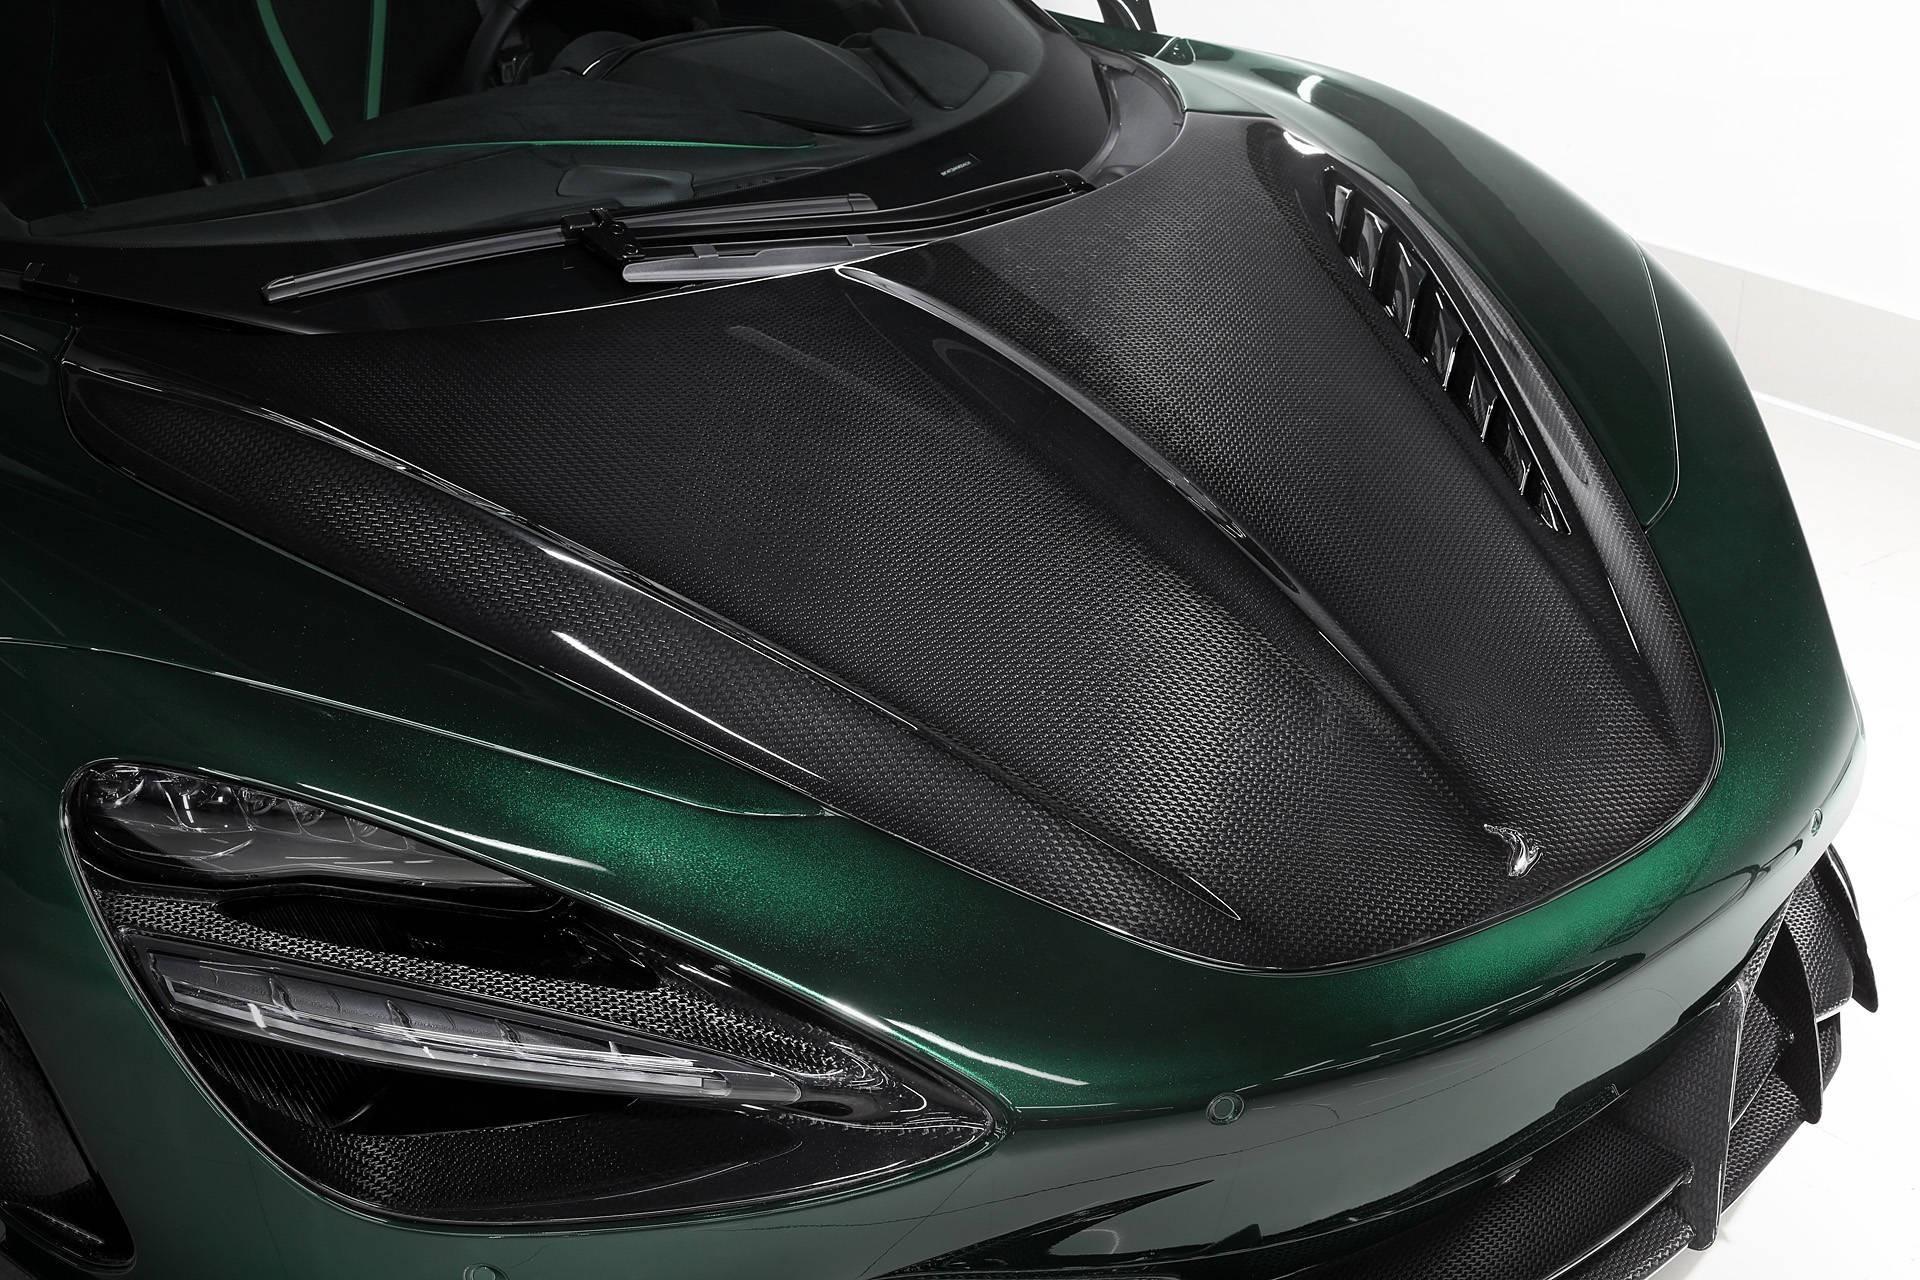 Topcar McLaren 720S Fury 2020